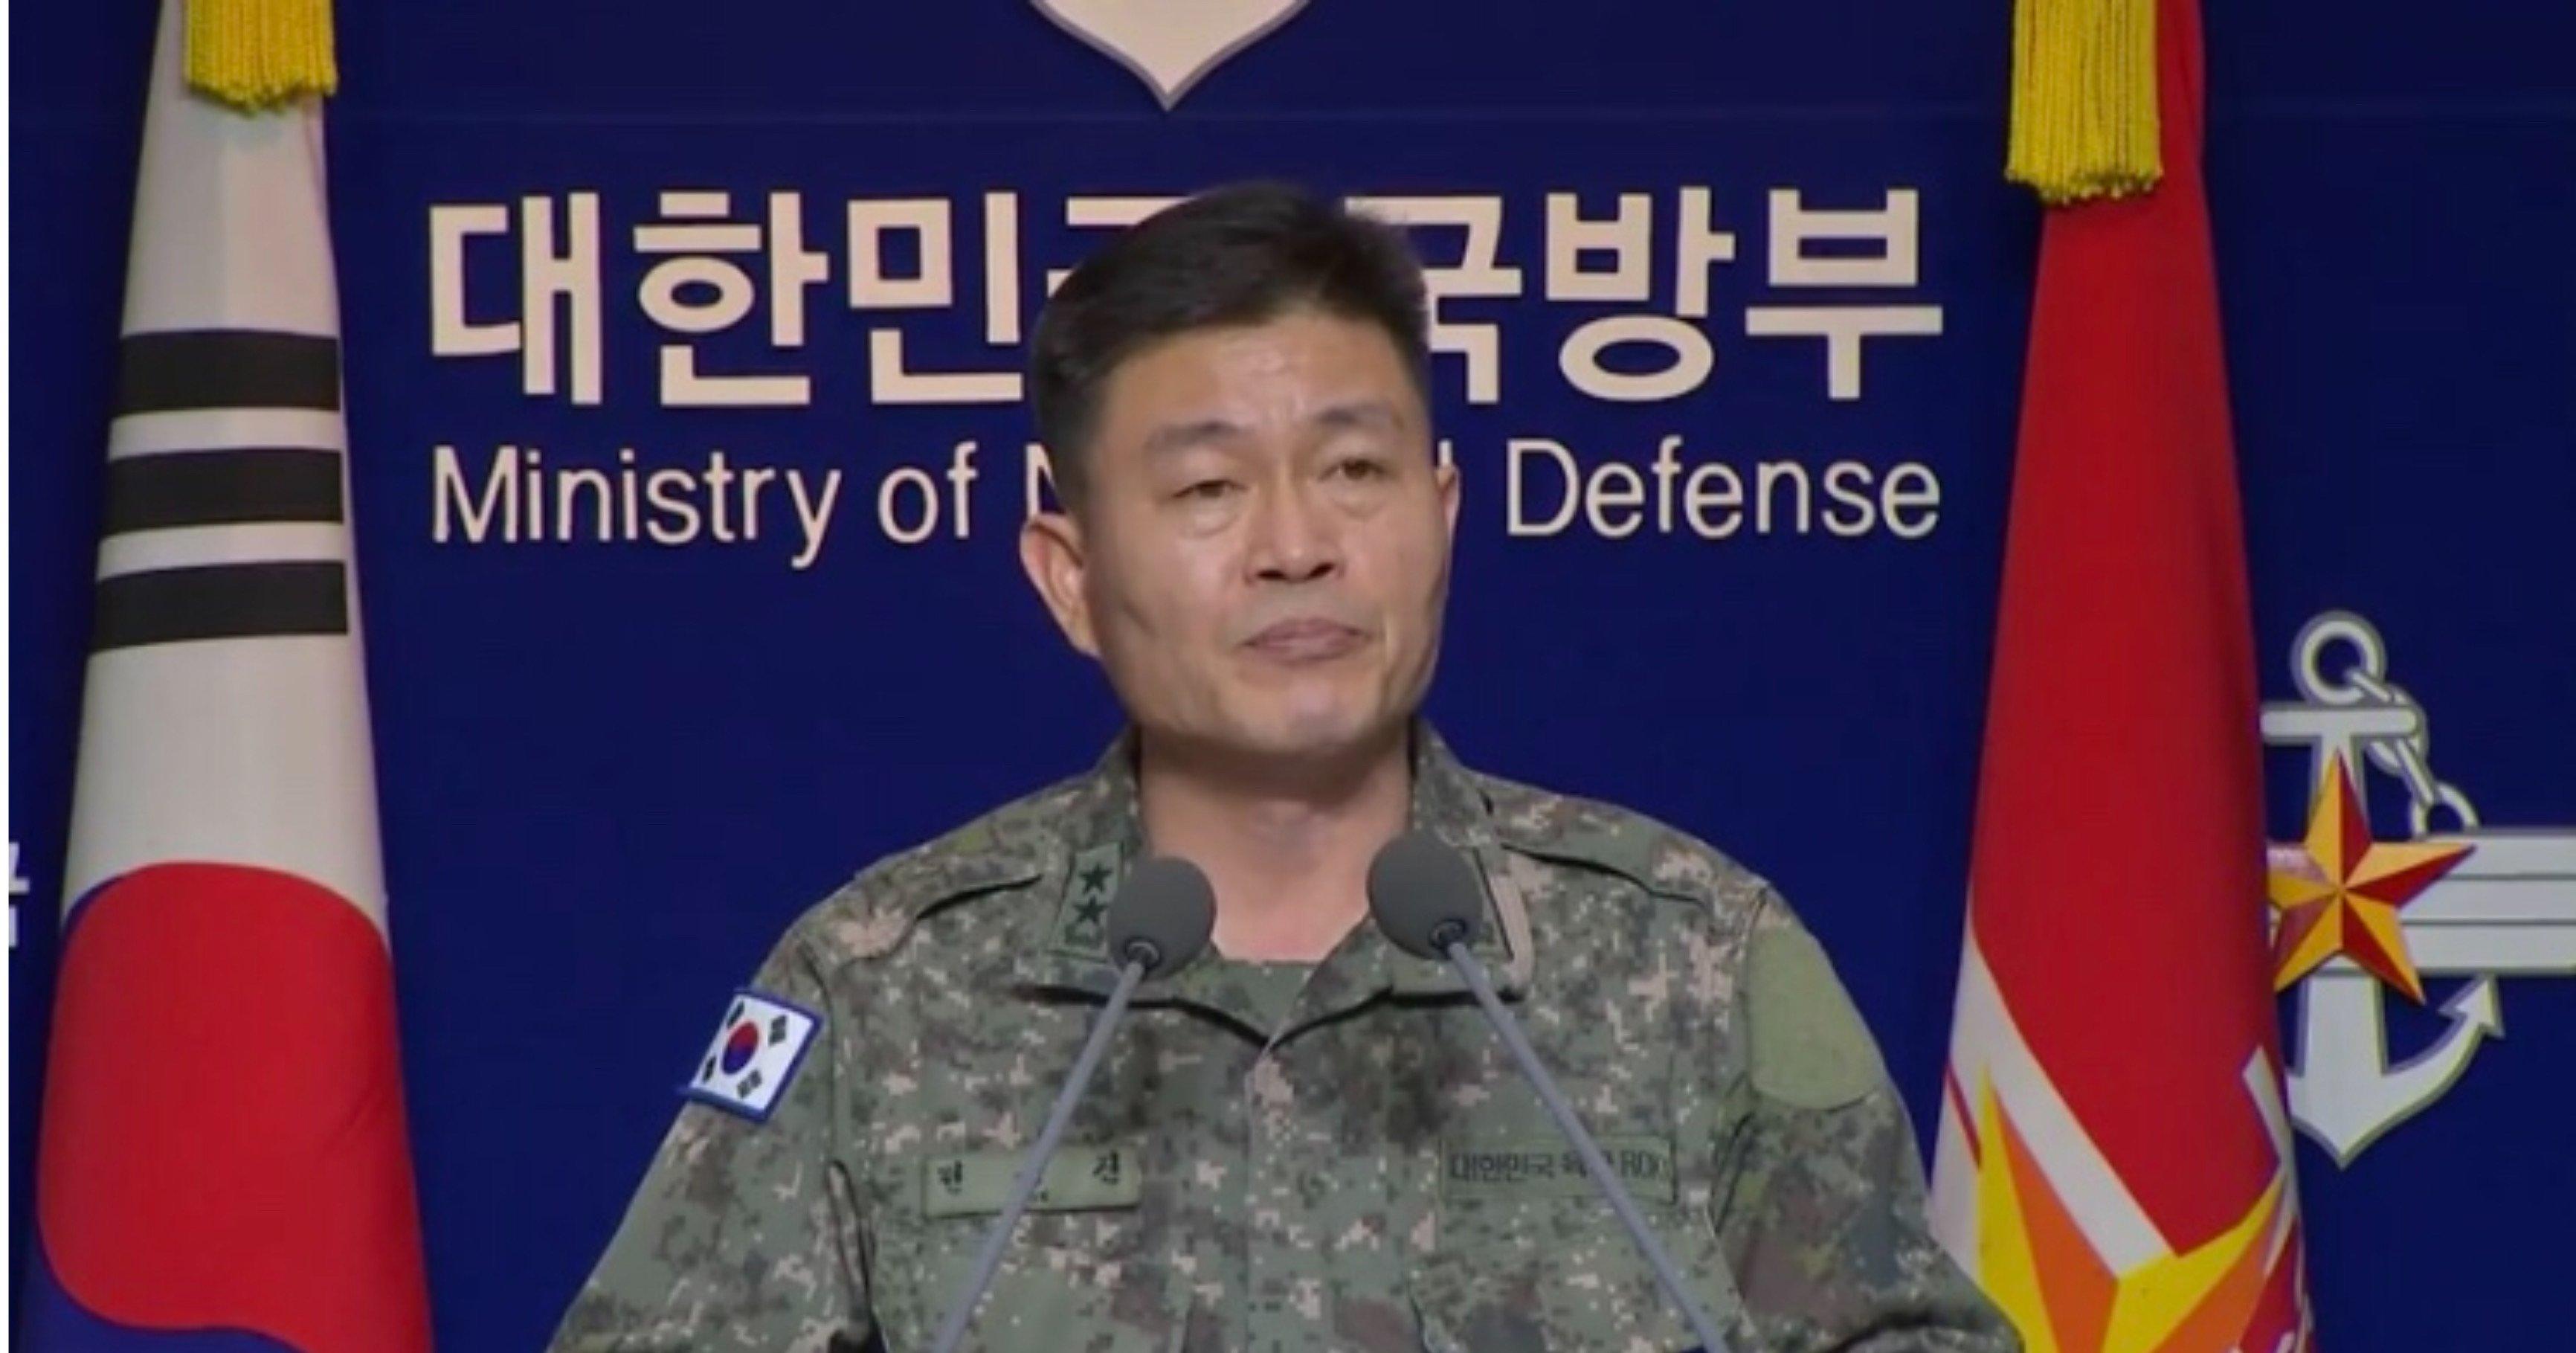 """328be6f8 9533 43f7 b5c4 9342b4d50c92.jpeg?resize=412,232 - [속보] 합참의 강력 경고 """"북한, 군사 행동하면 반드시 대가를 치르게 될 것"""""""